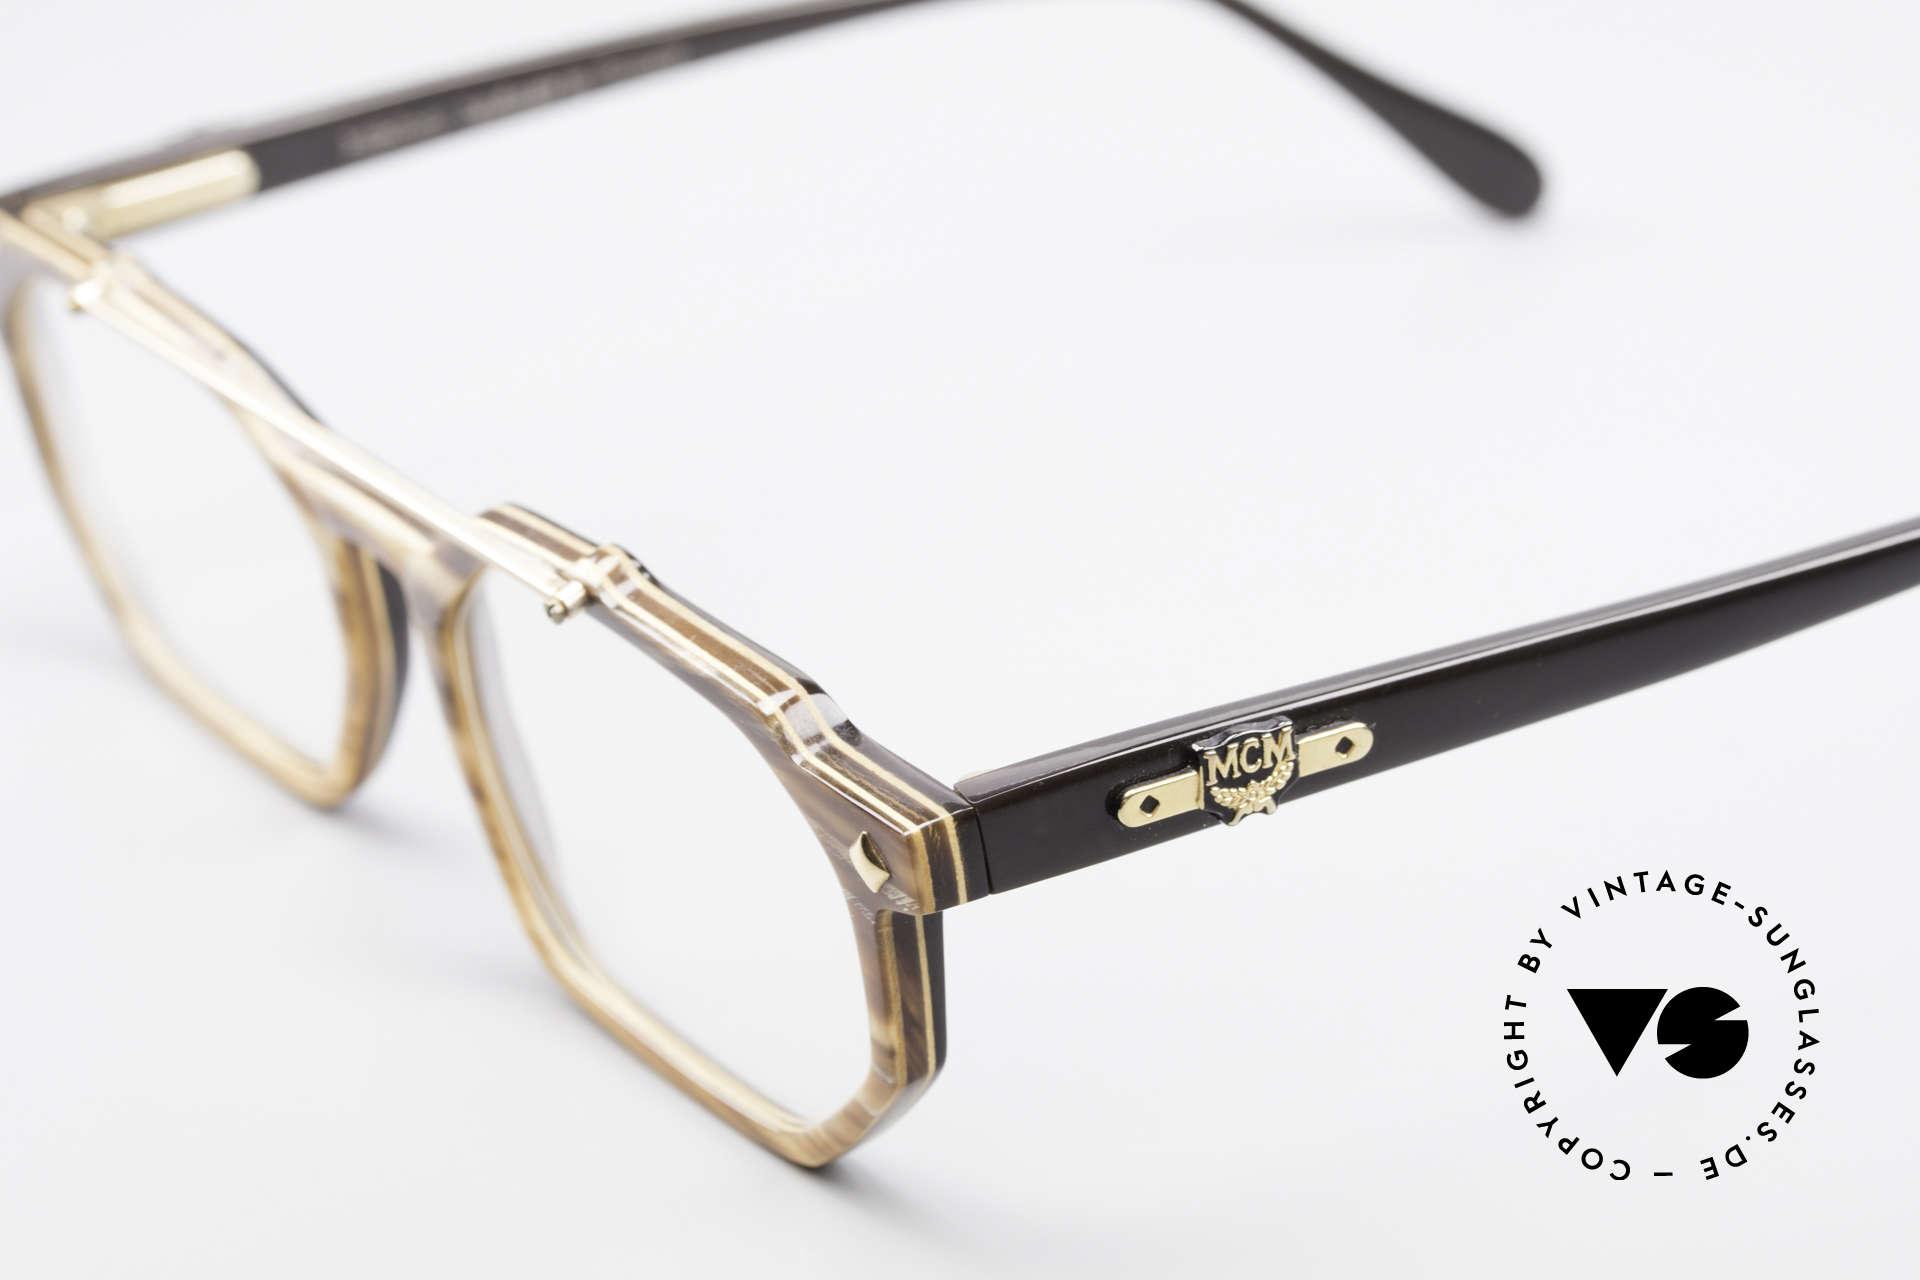 MCM München 301 Büffelhorn Vintage Brille 80er, wahres Designerstück in absoluter Top-Qualität, Passend für Herren und Damen